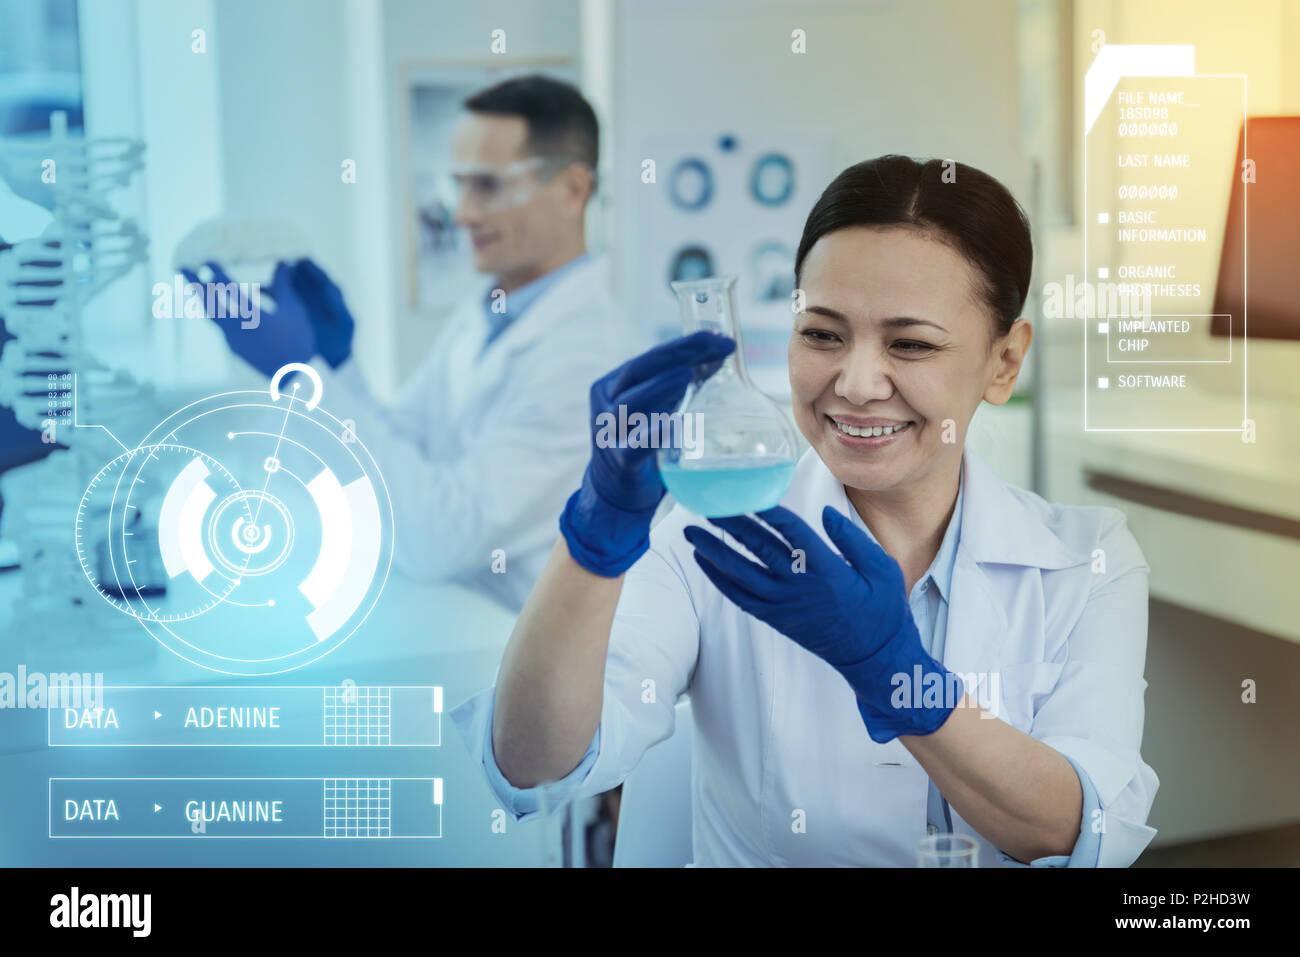 Felice scienziato sorridere mentre guardando il liquido blu Immagini Stock